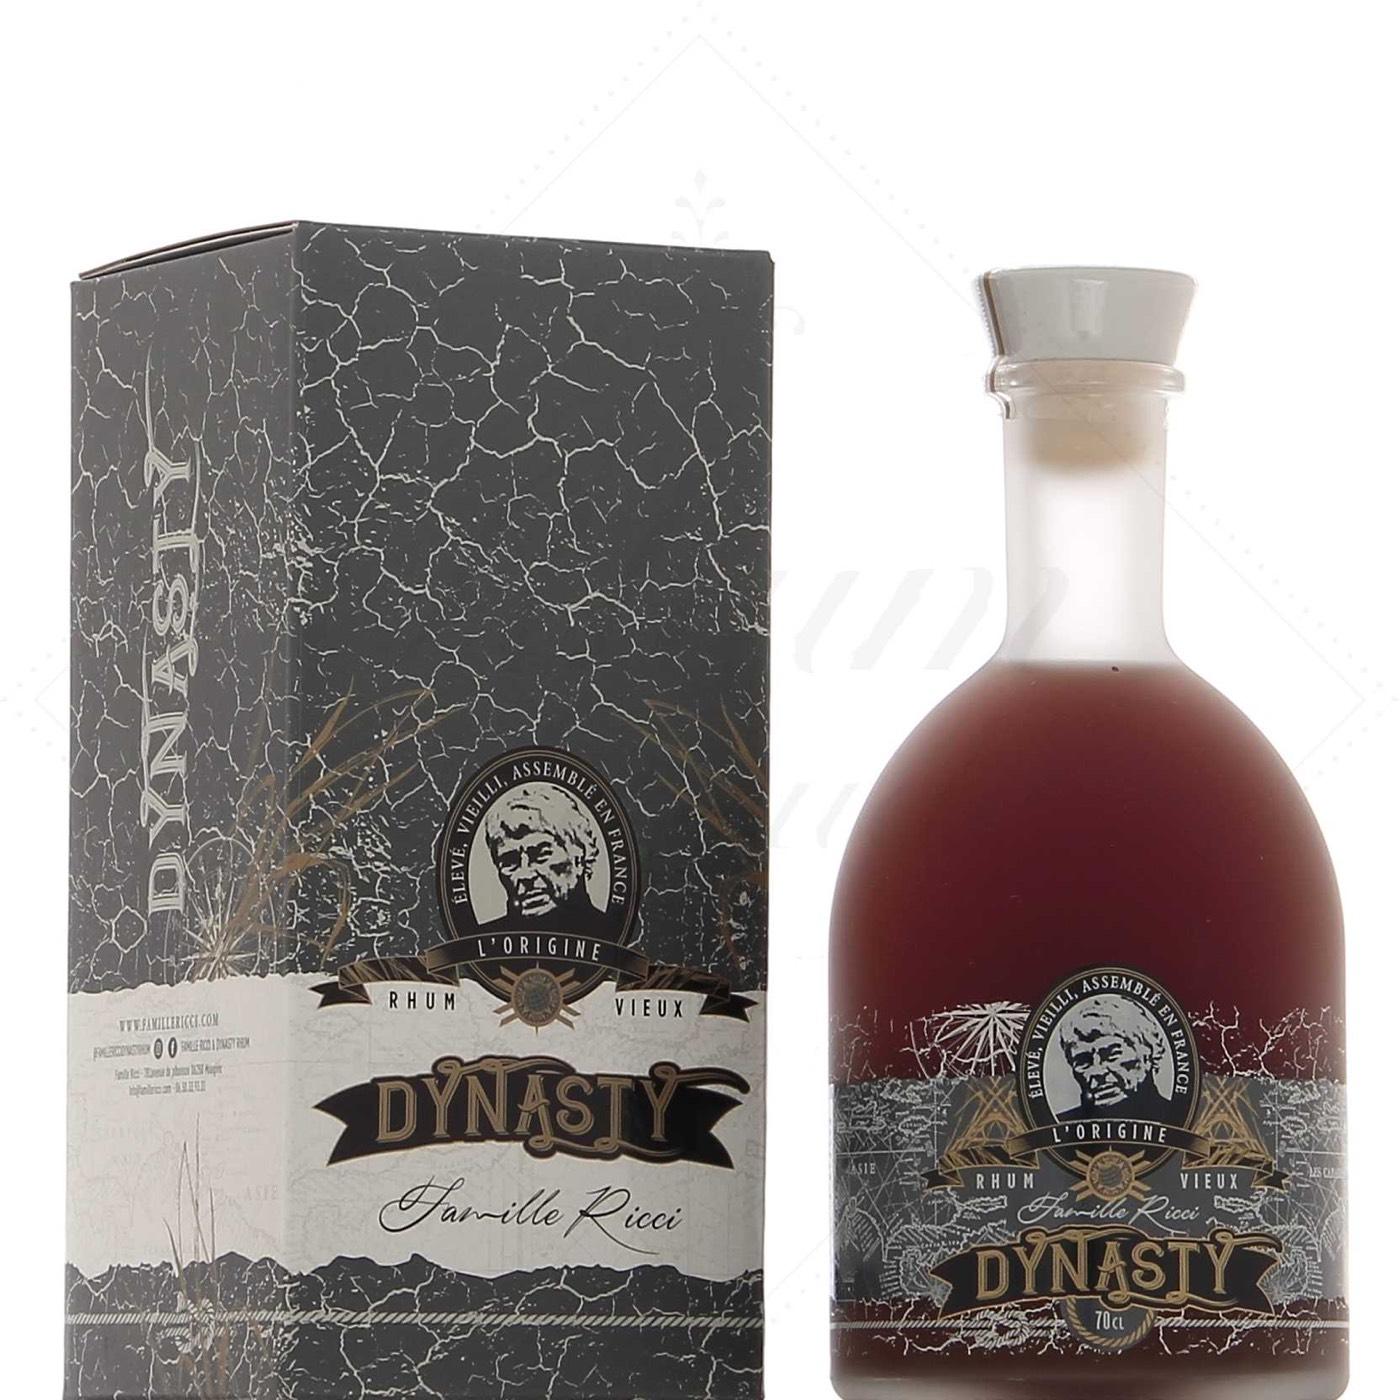 Bottle image of Dynasty L'Origine